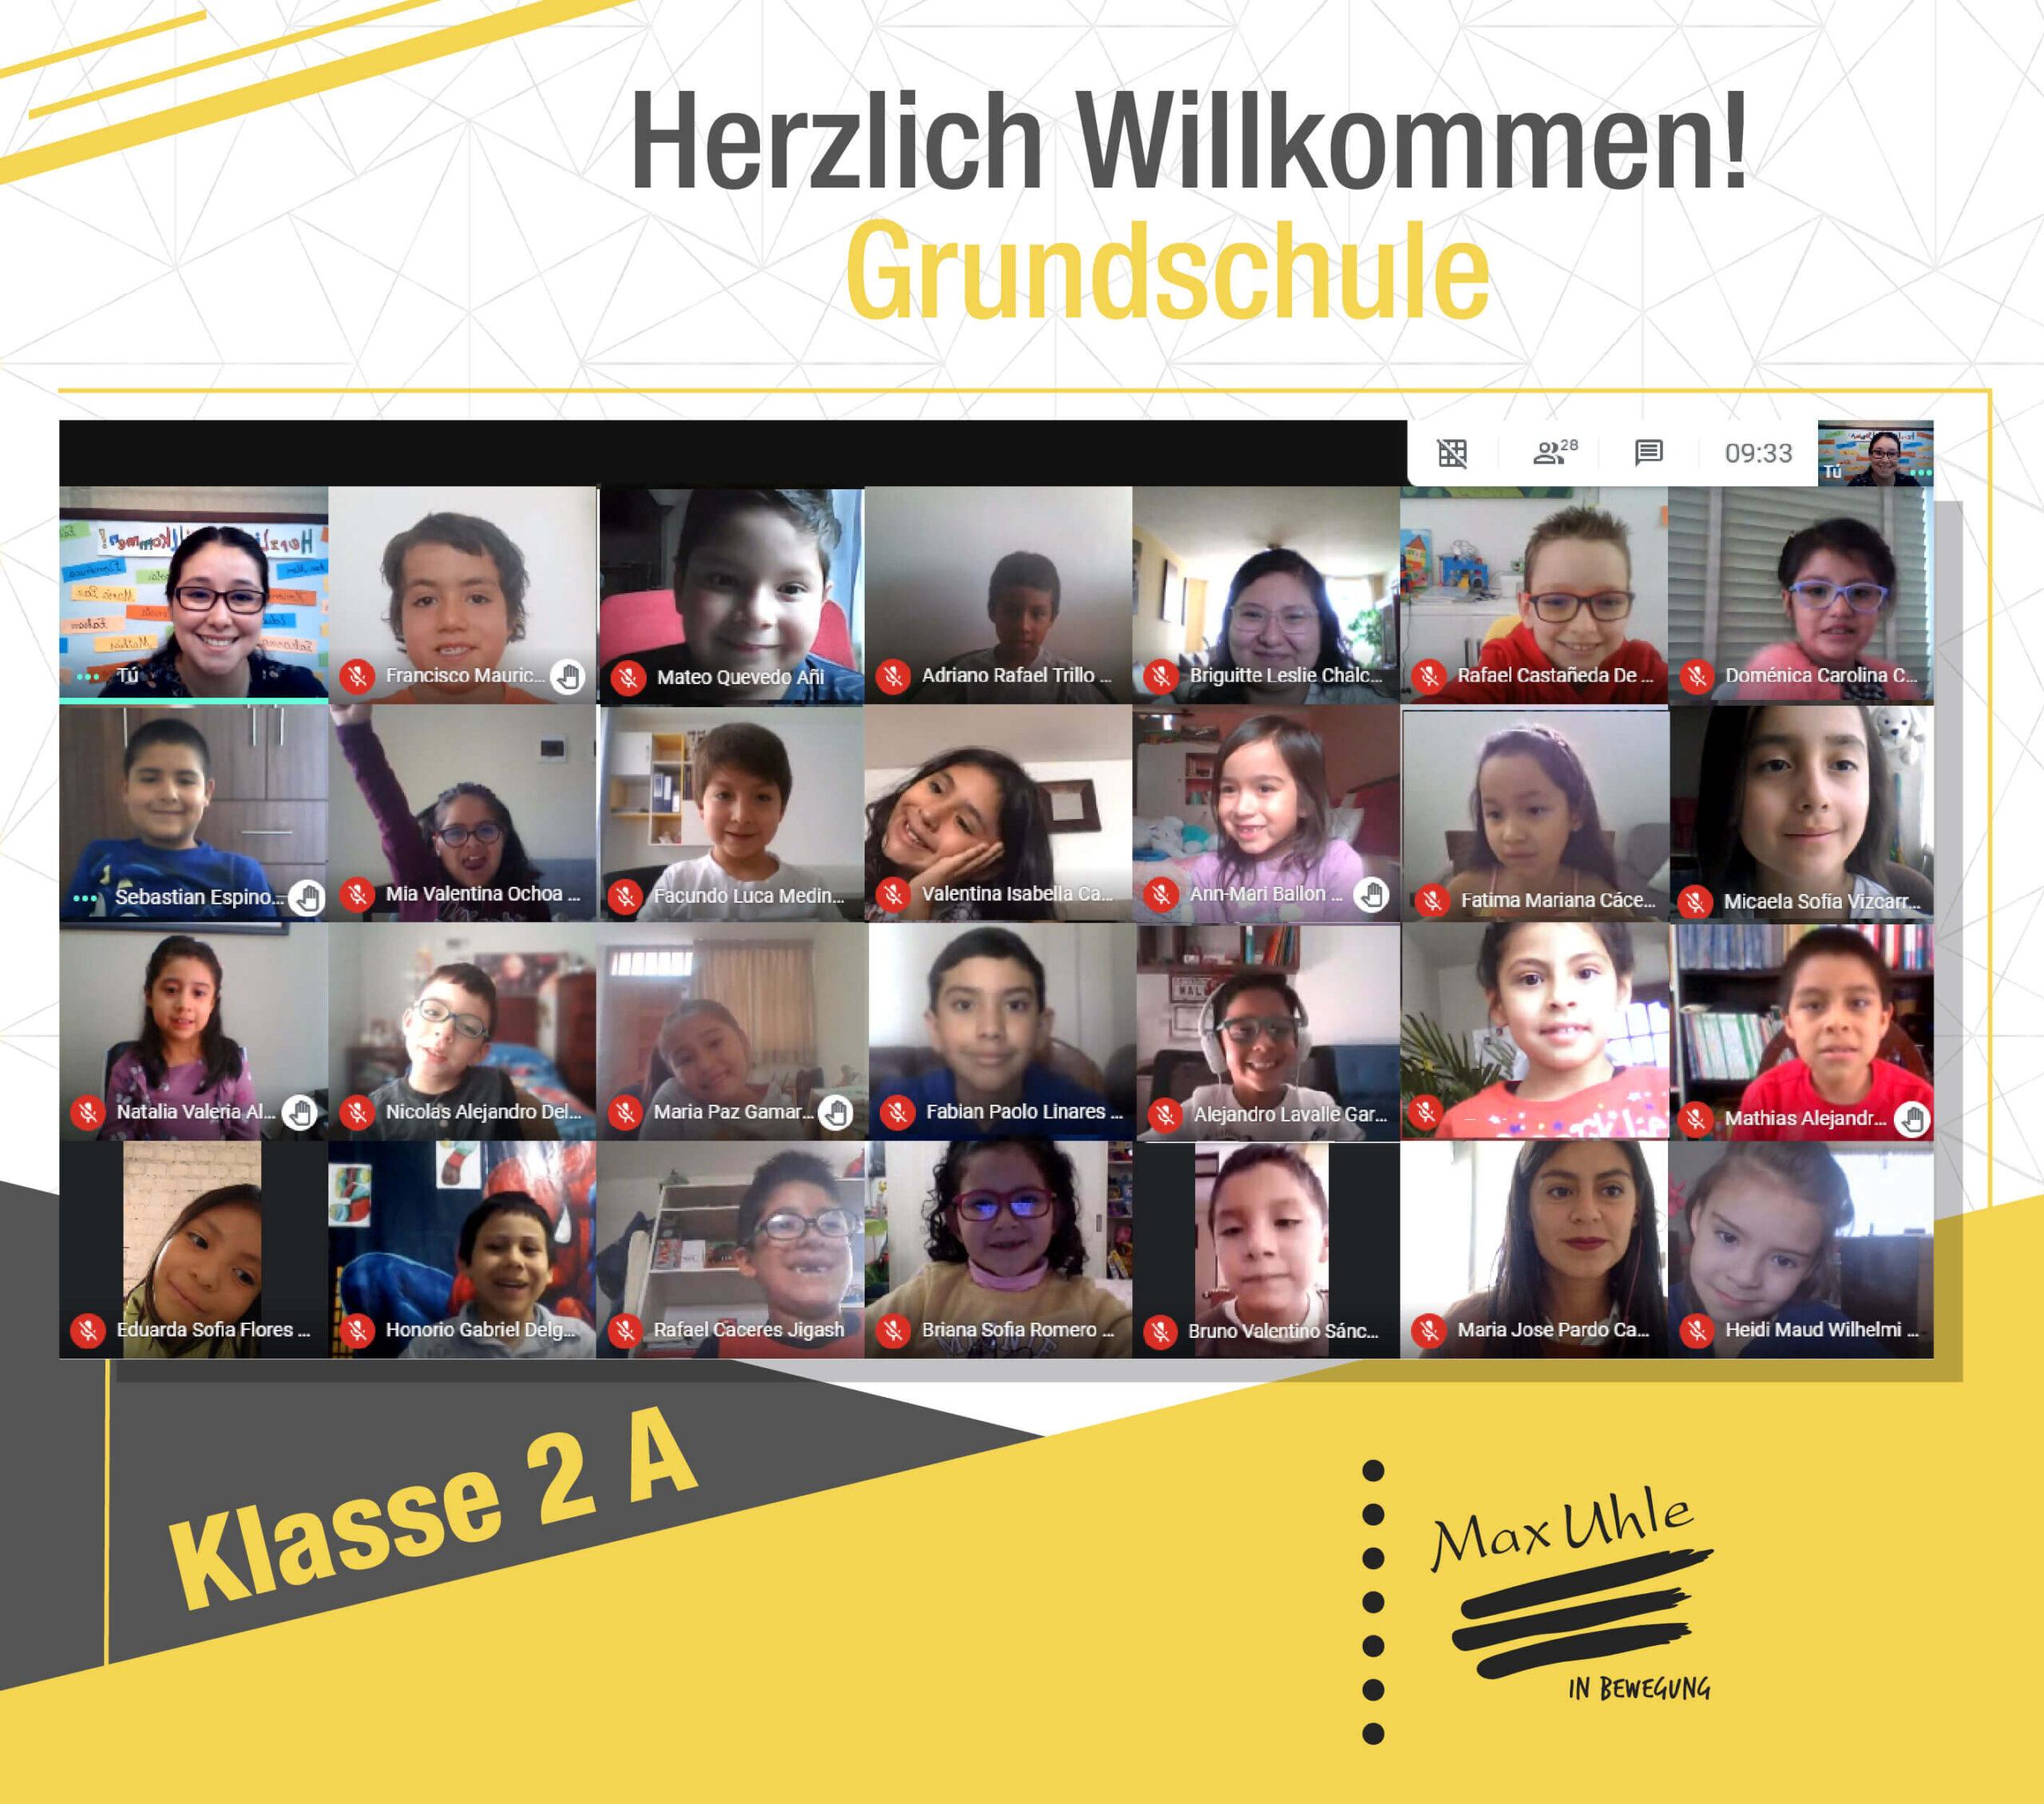 regreso a clases 2021 Grundschule 2A